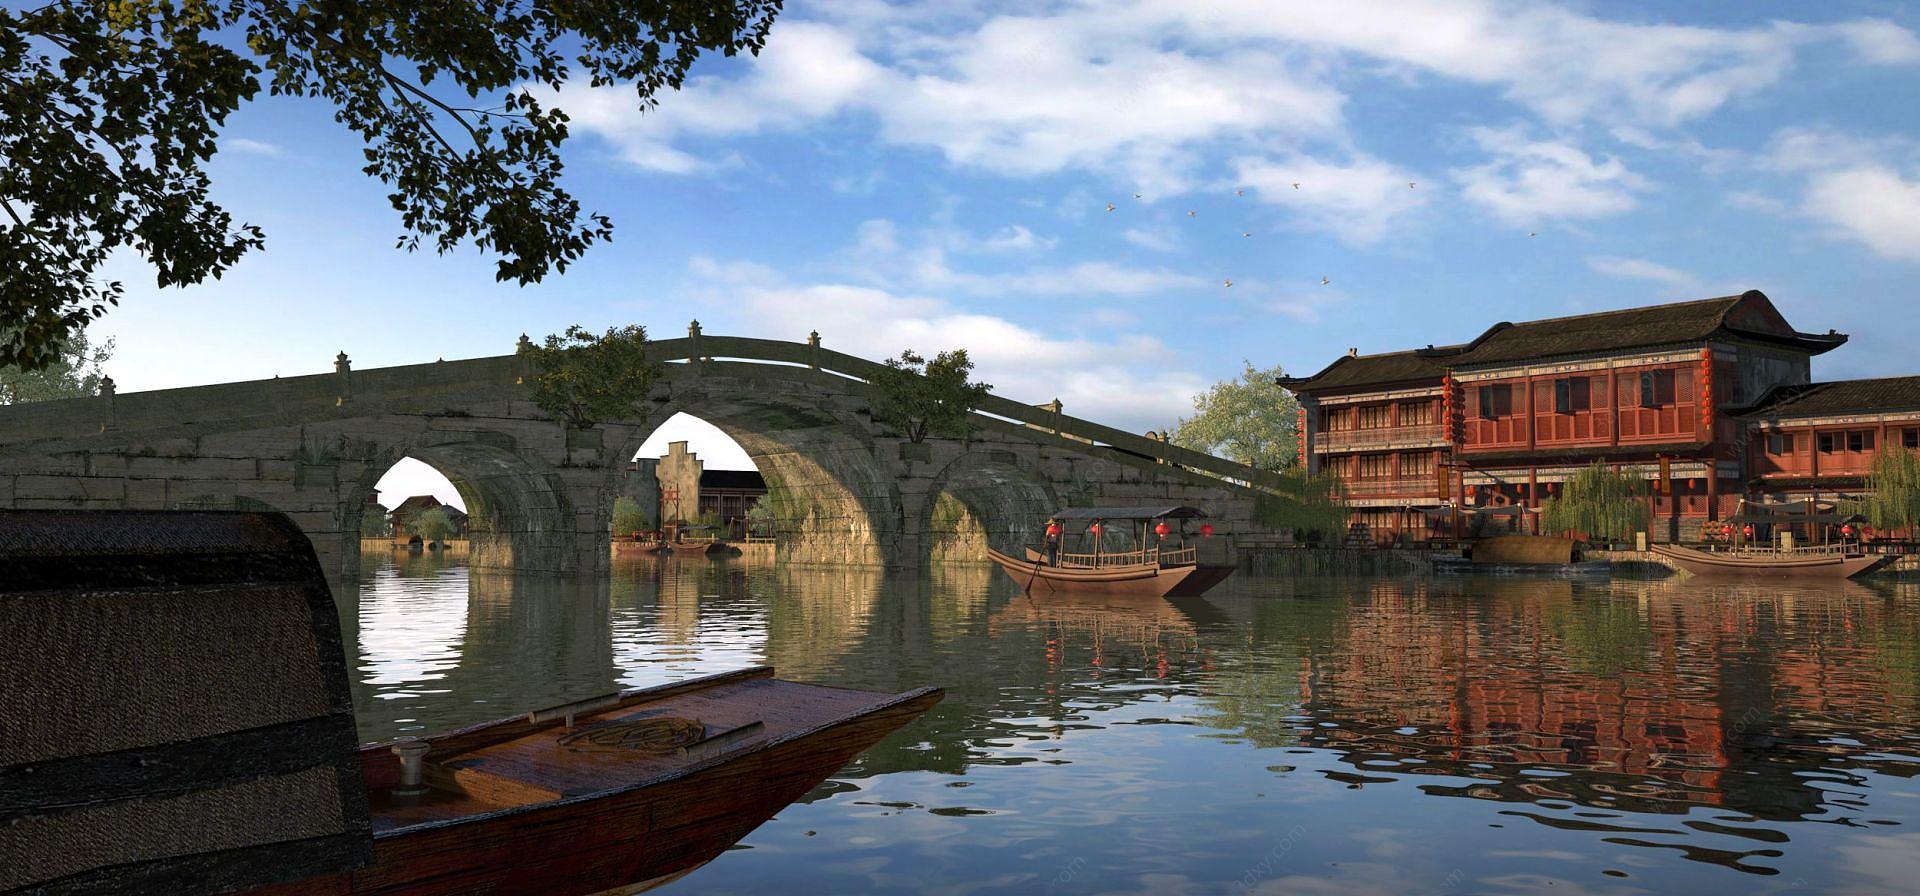 公園古建筑房子橋船